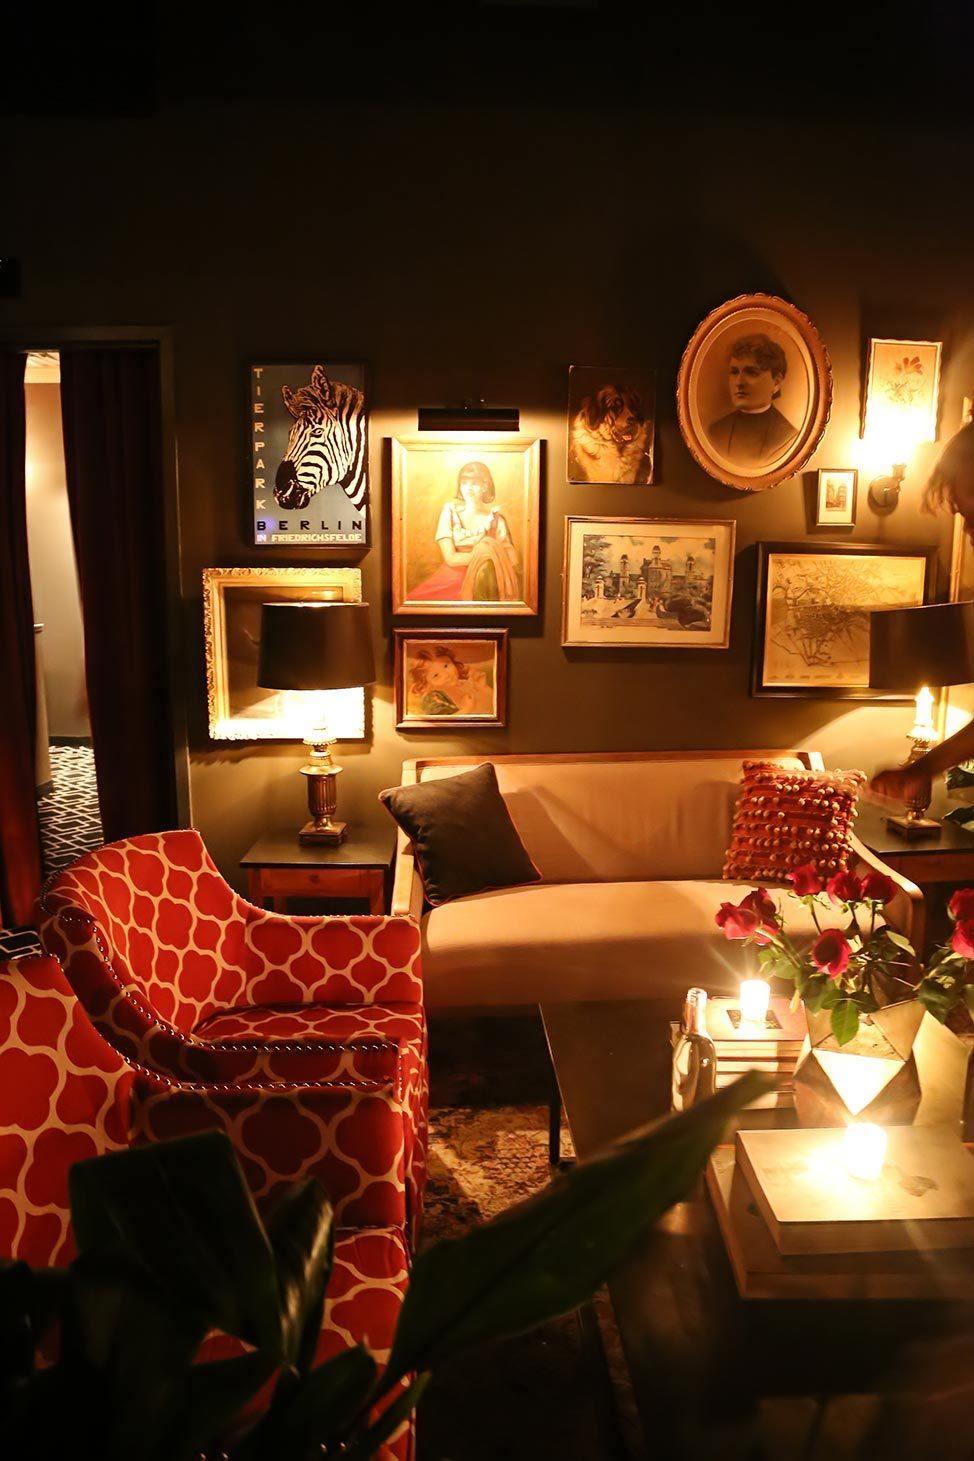 The Berlin Lounge, Troy